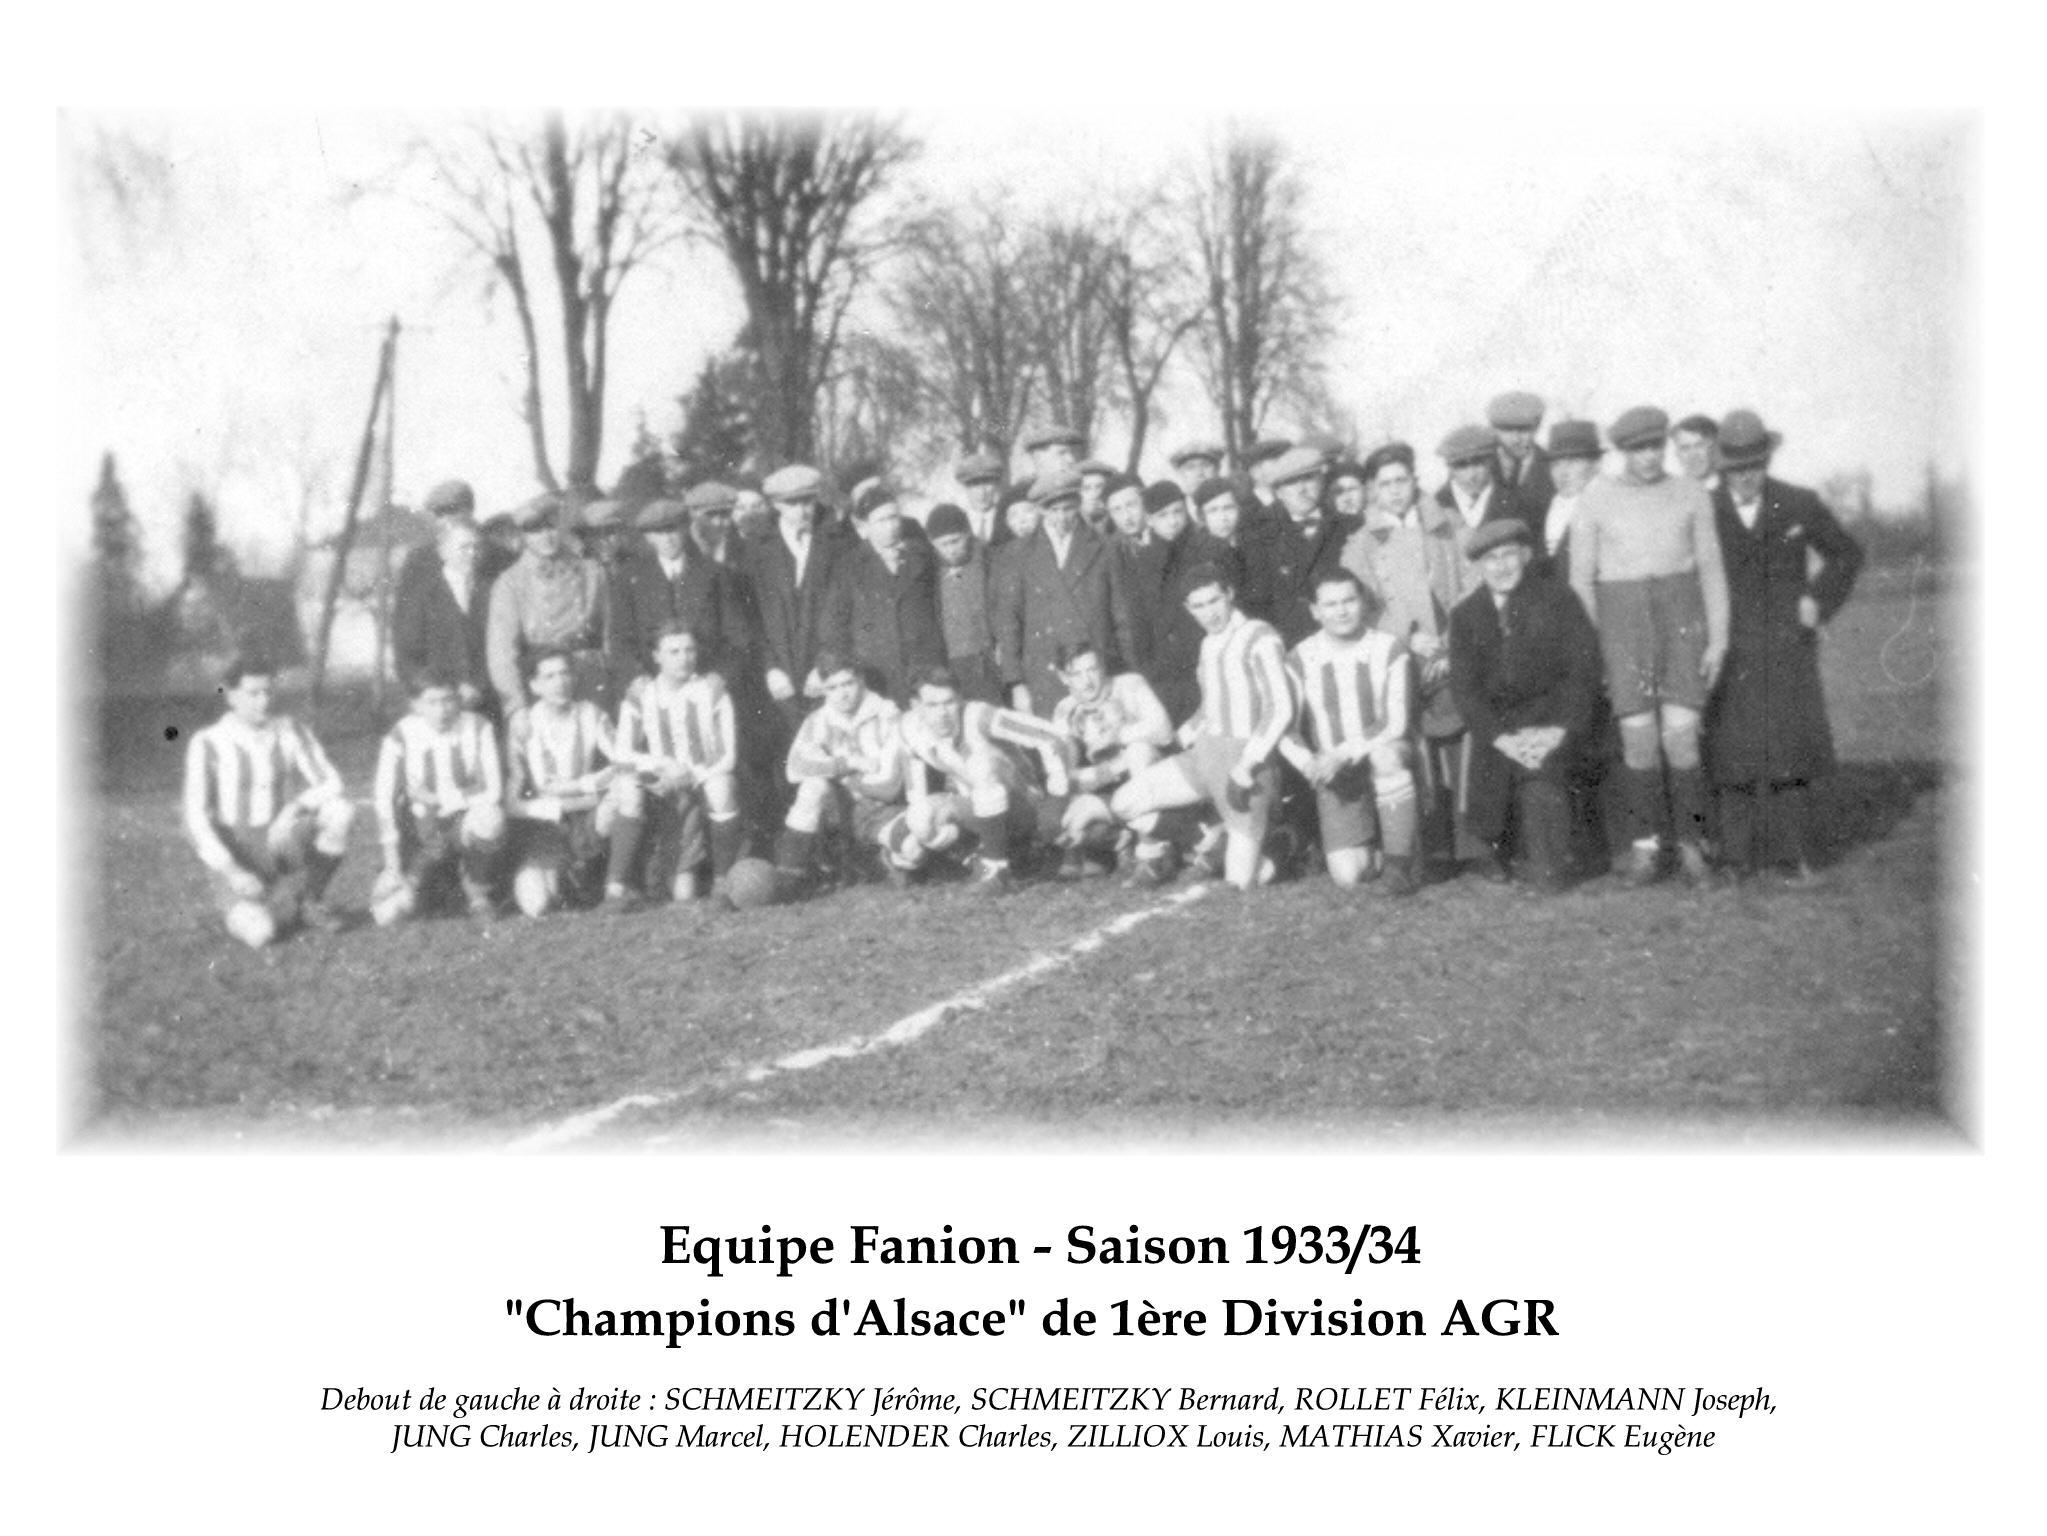 Annees 1933-34